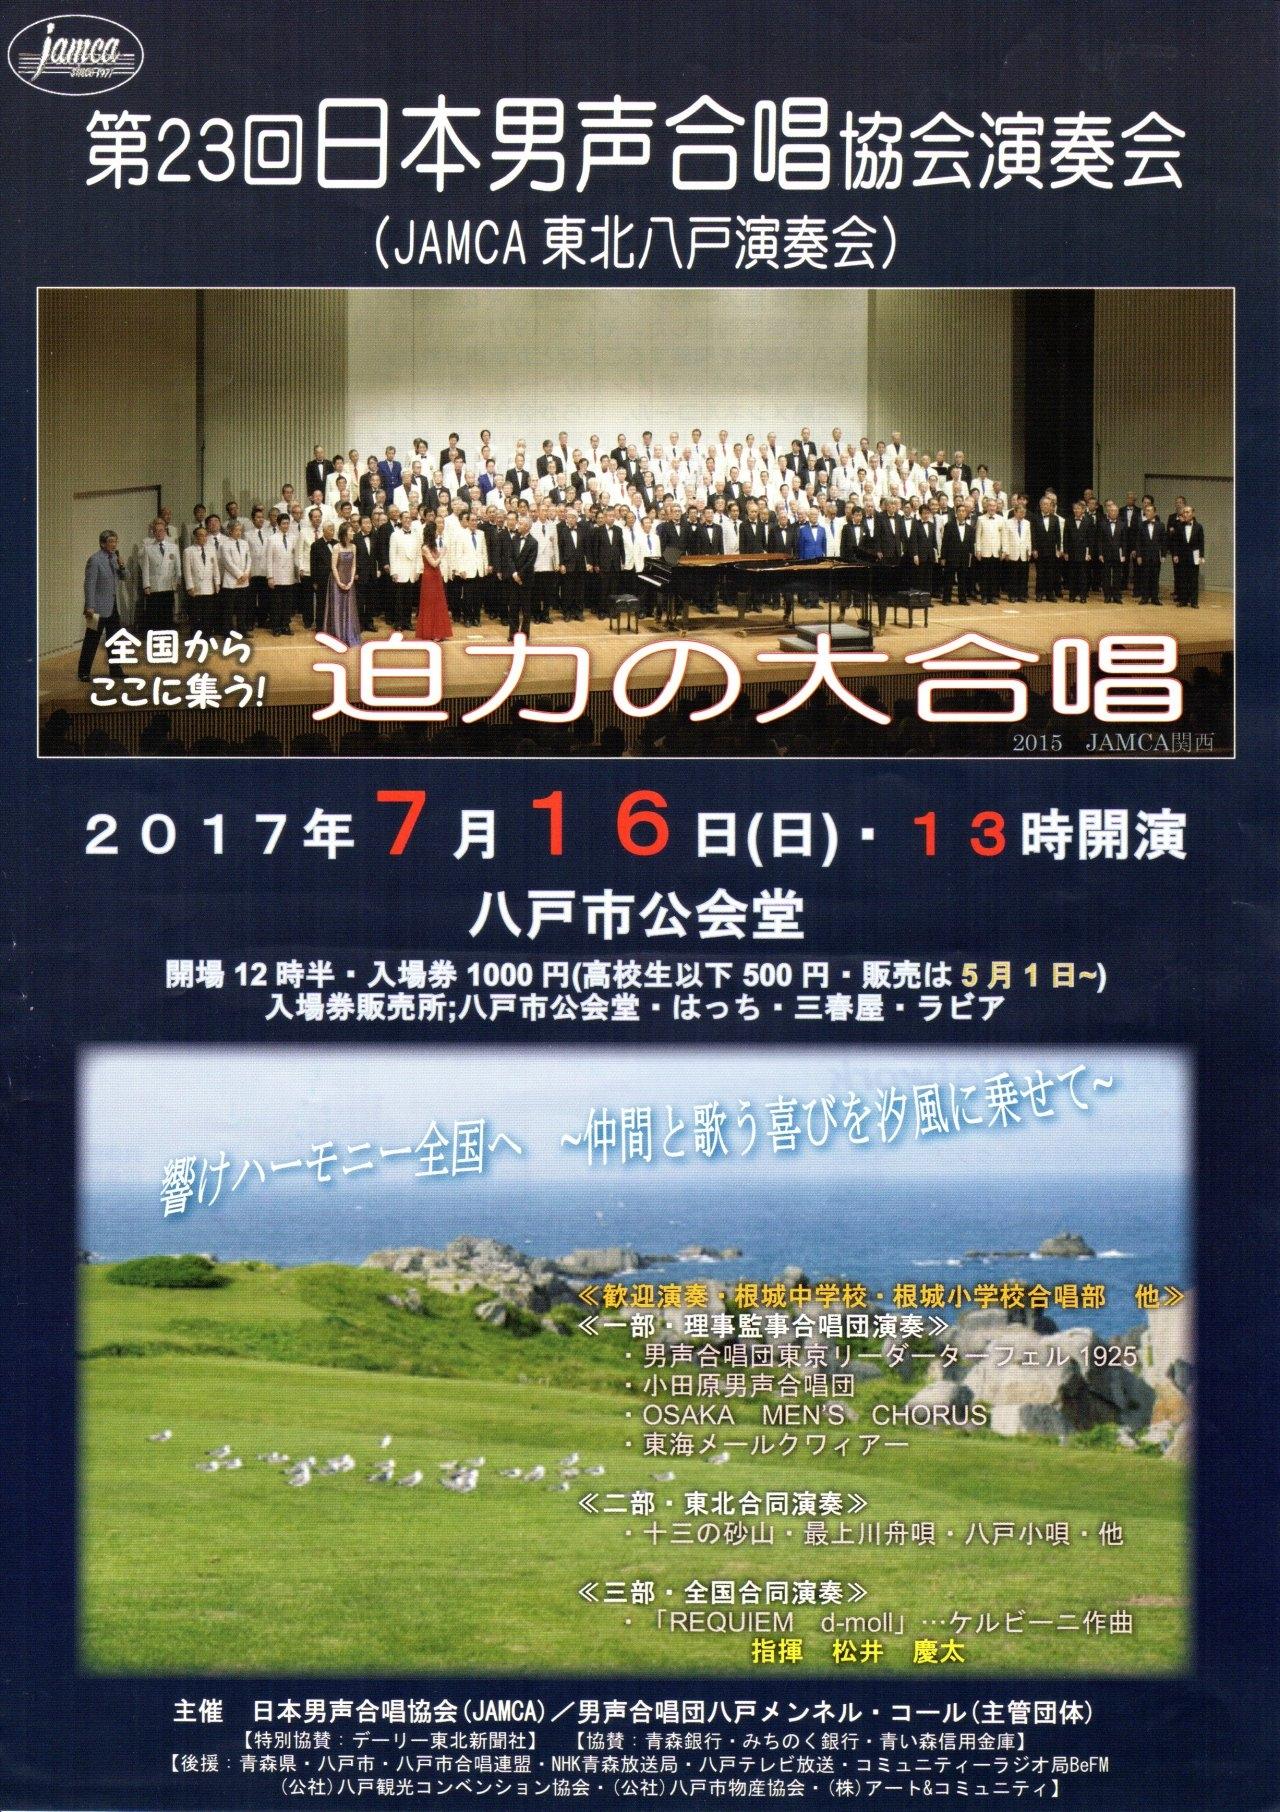 2017年7月日本男声合唱協会(JAMCA)東北八戸演奏会チラシ